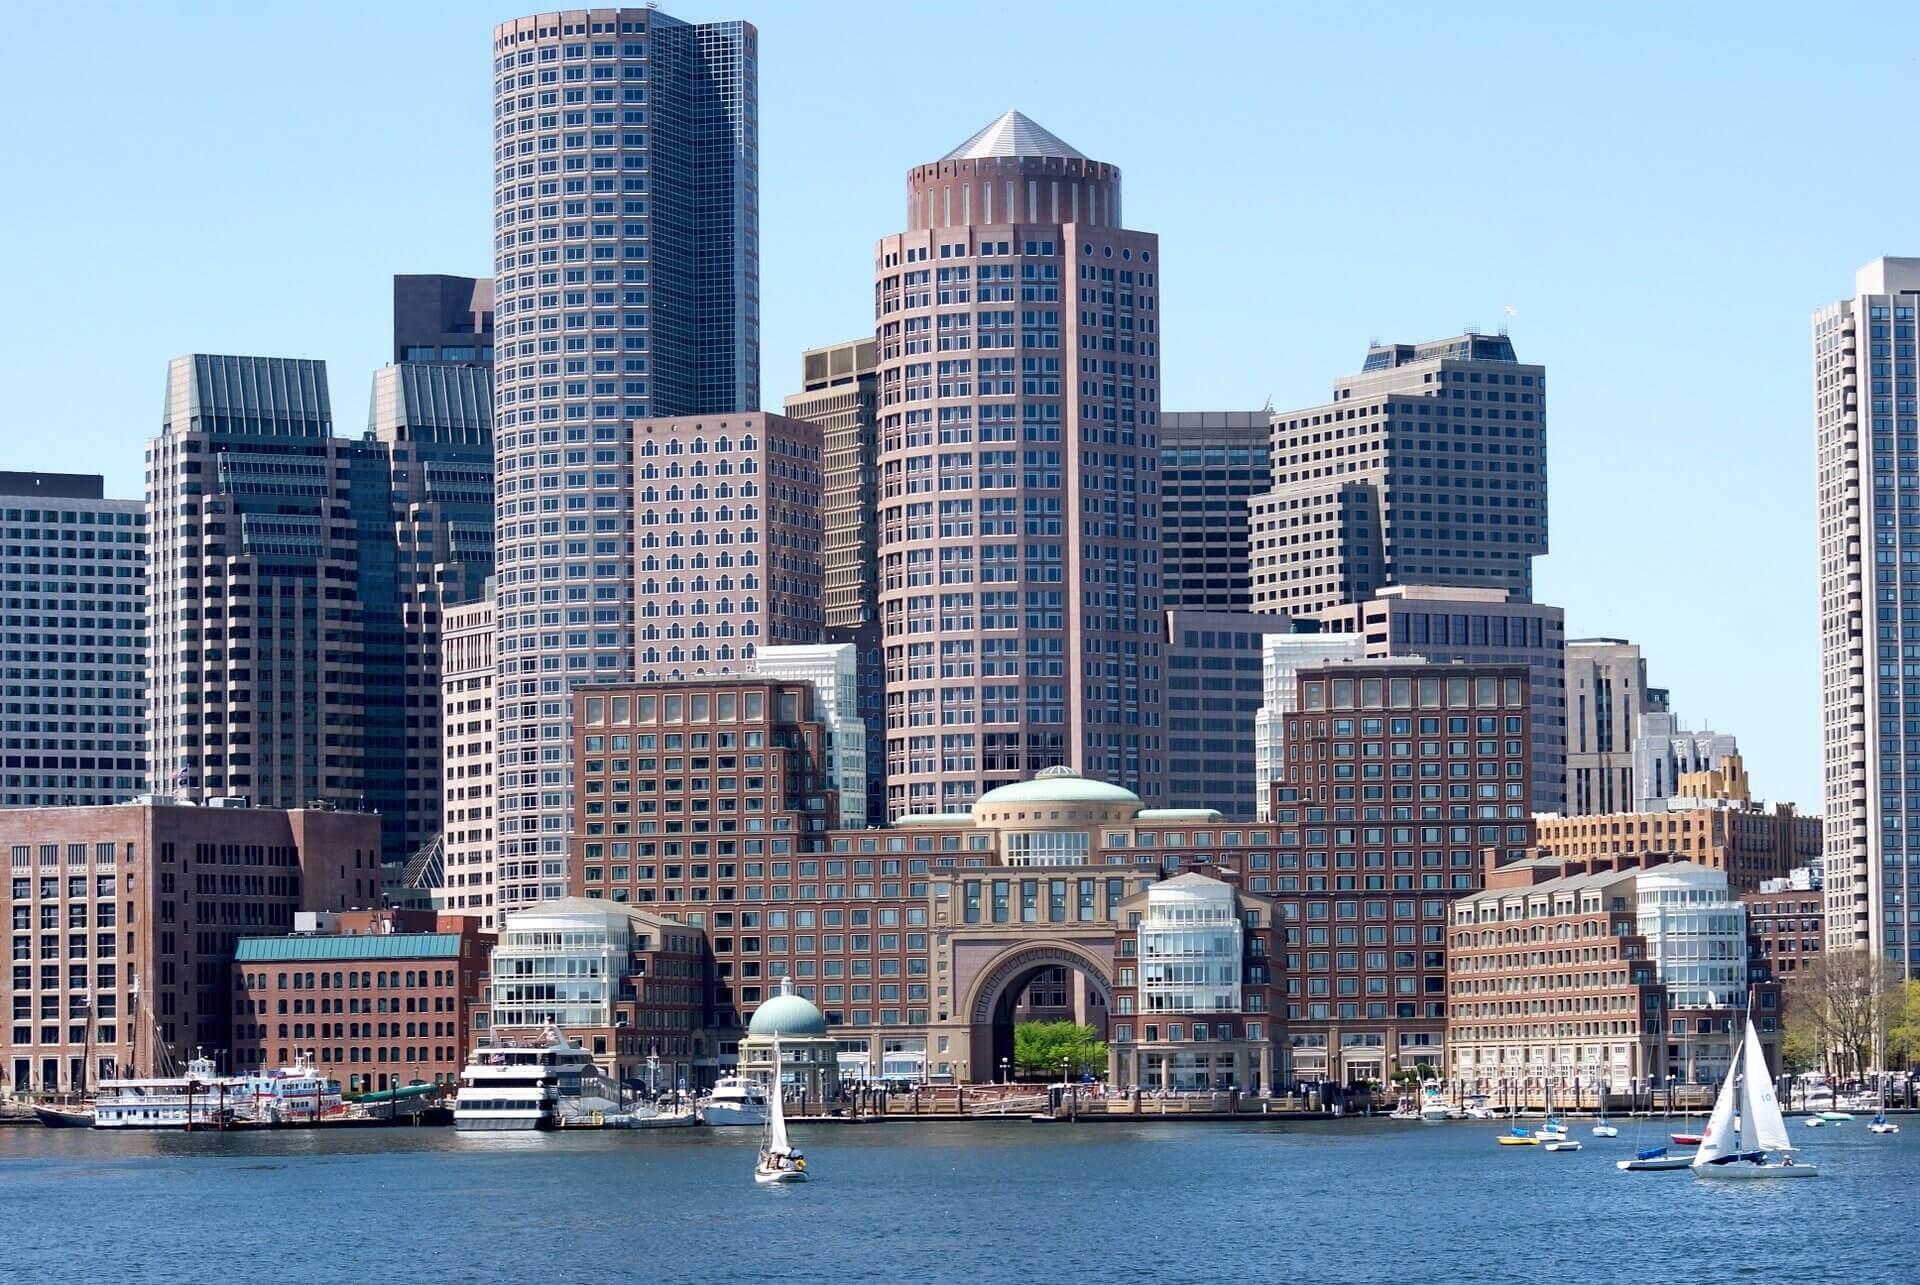 4 Day Boston Trip